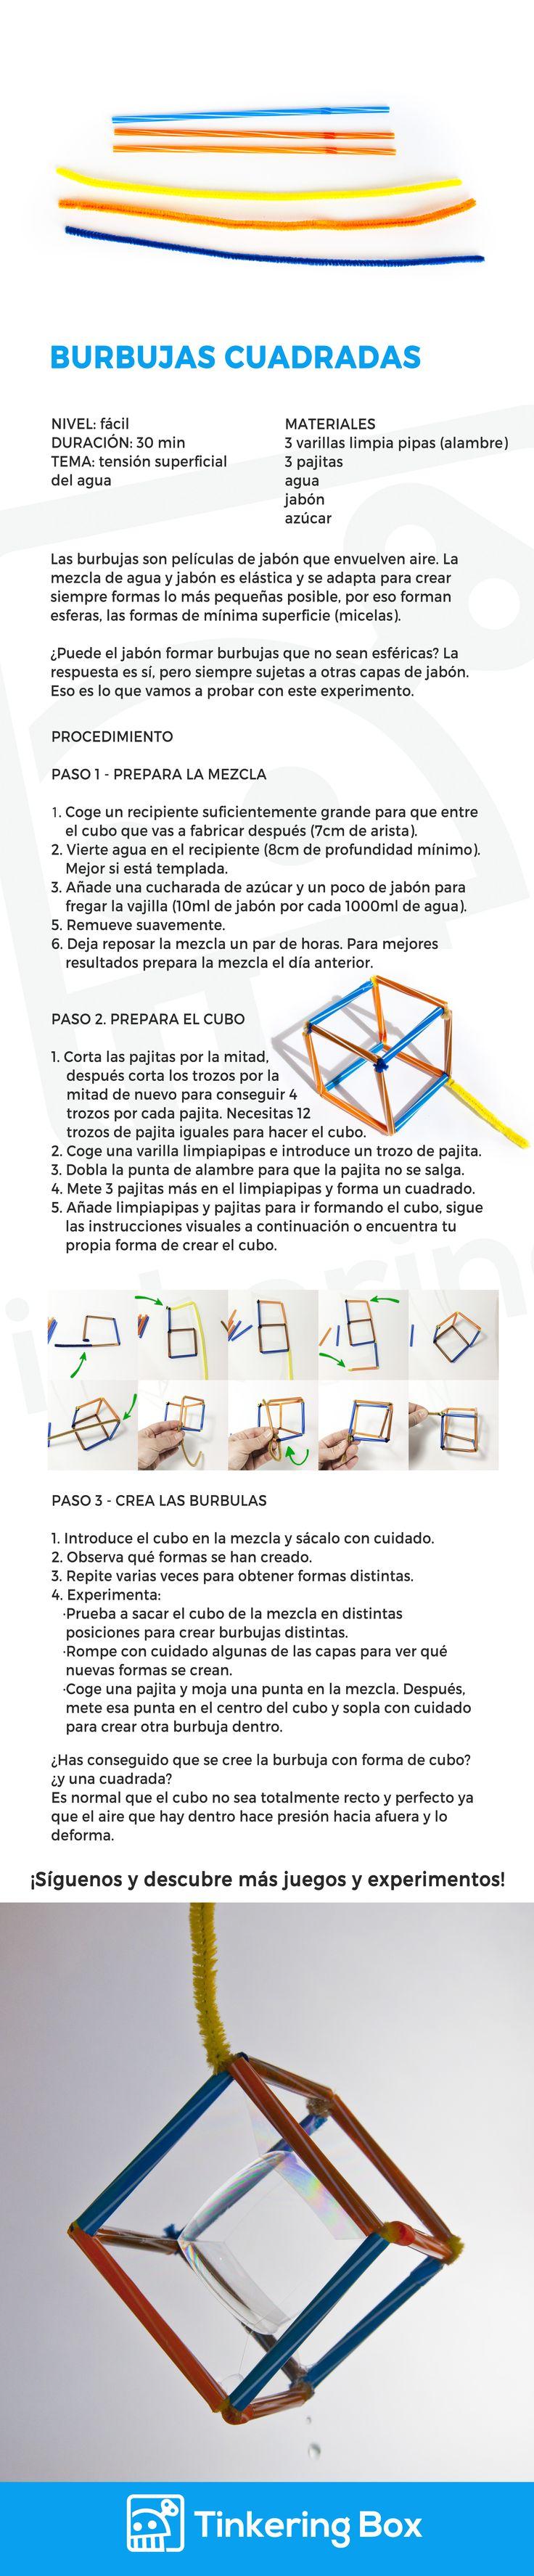 Las burbujas fascinan tanto a niños como a adultos con sus formas y colores. Conociendo cómo funcionan las burbujas se pueden crear formas geométricas alucinantes. Experimenta, diviértete y aprende con este experimento sencillo. DIY.